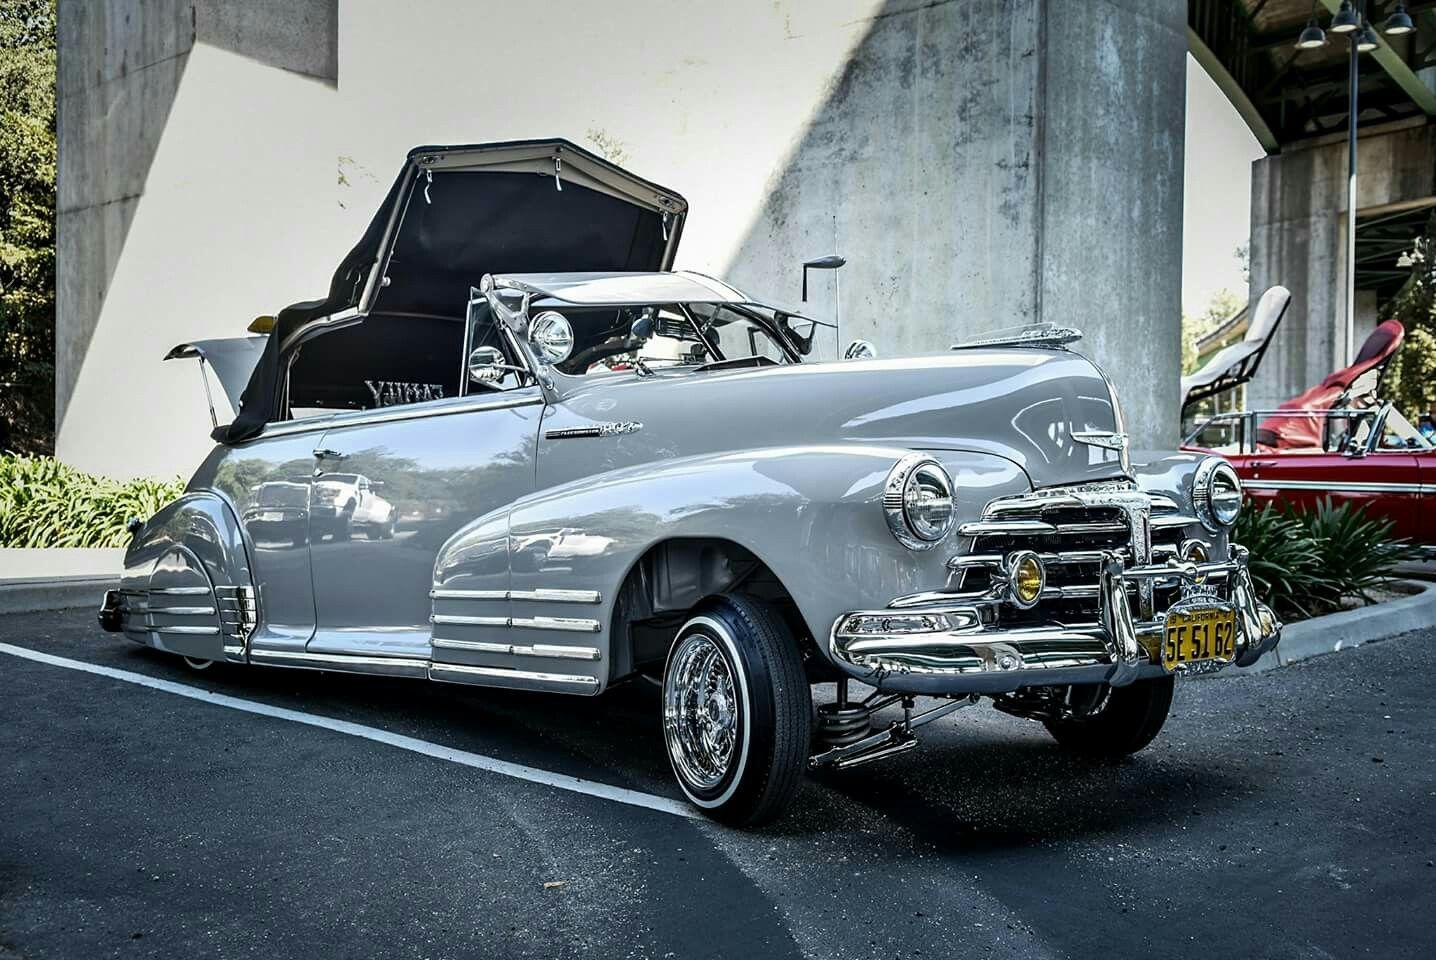 1949 Chevrolet Fleeline Aerosedan Lowrider Oldie Drop Top Classic Cars Vintage Lowriders Vintage Cars